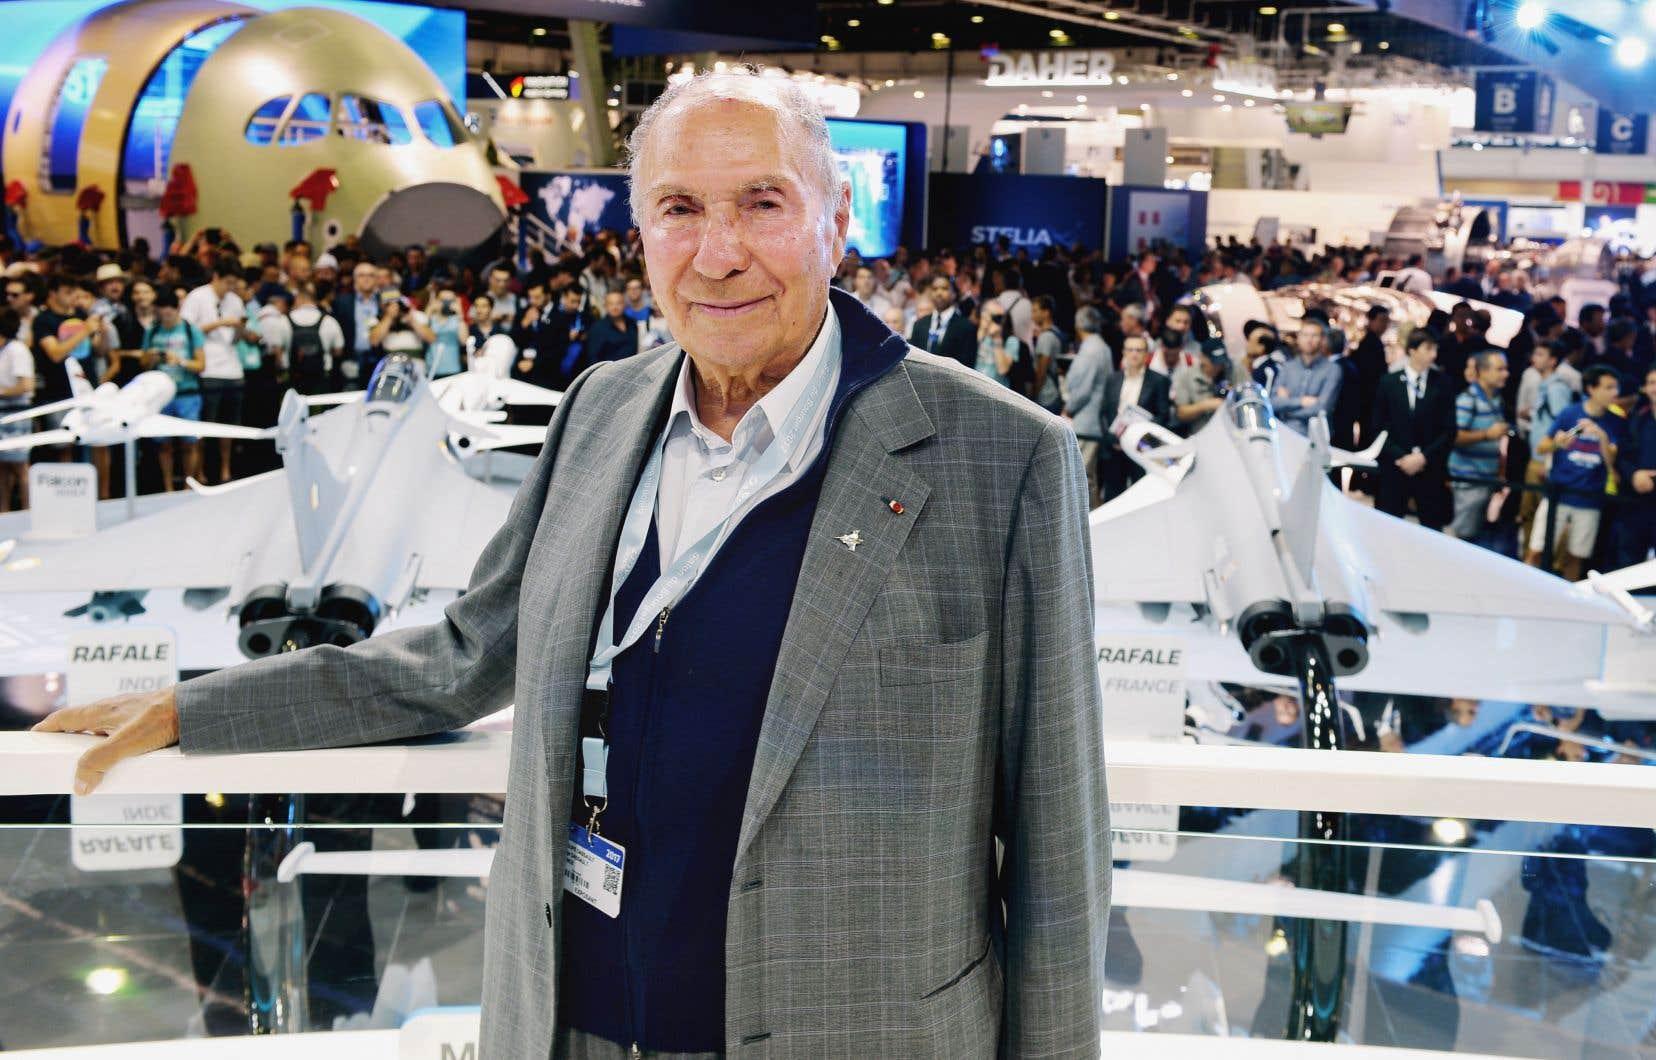 Le milliardaire français Serge Dassault, décédé lundi à l'âge de 93ans, au Salon international de l'aviation de Paris en 2017